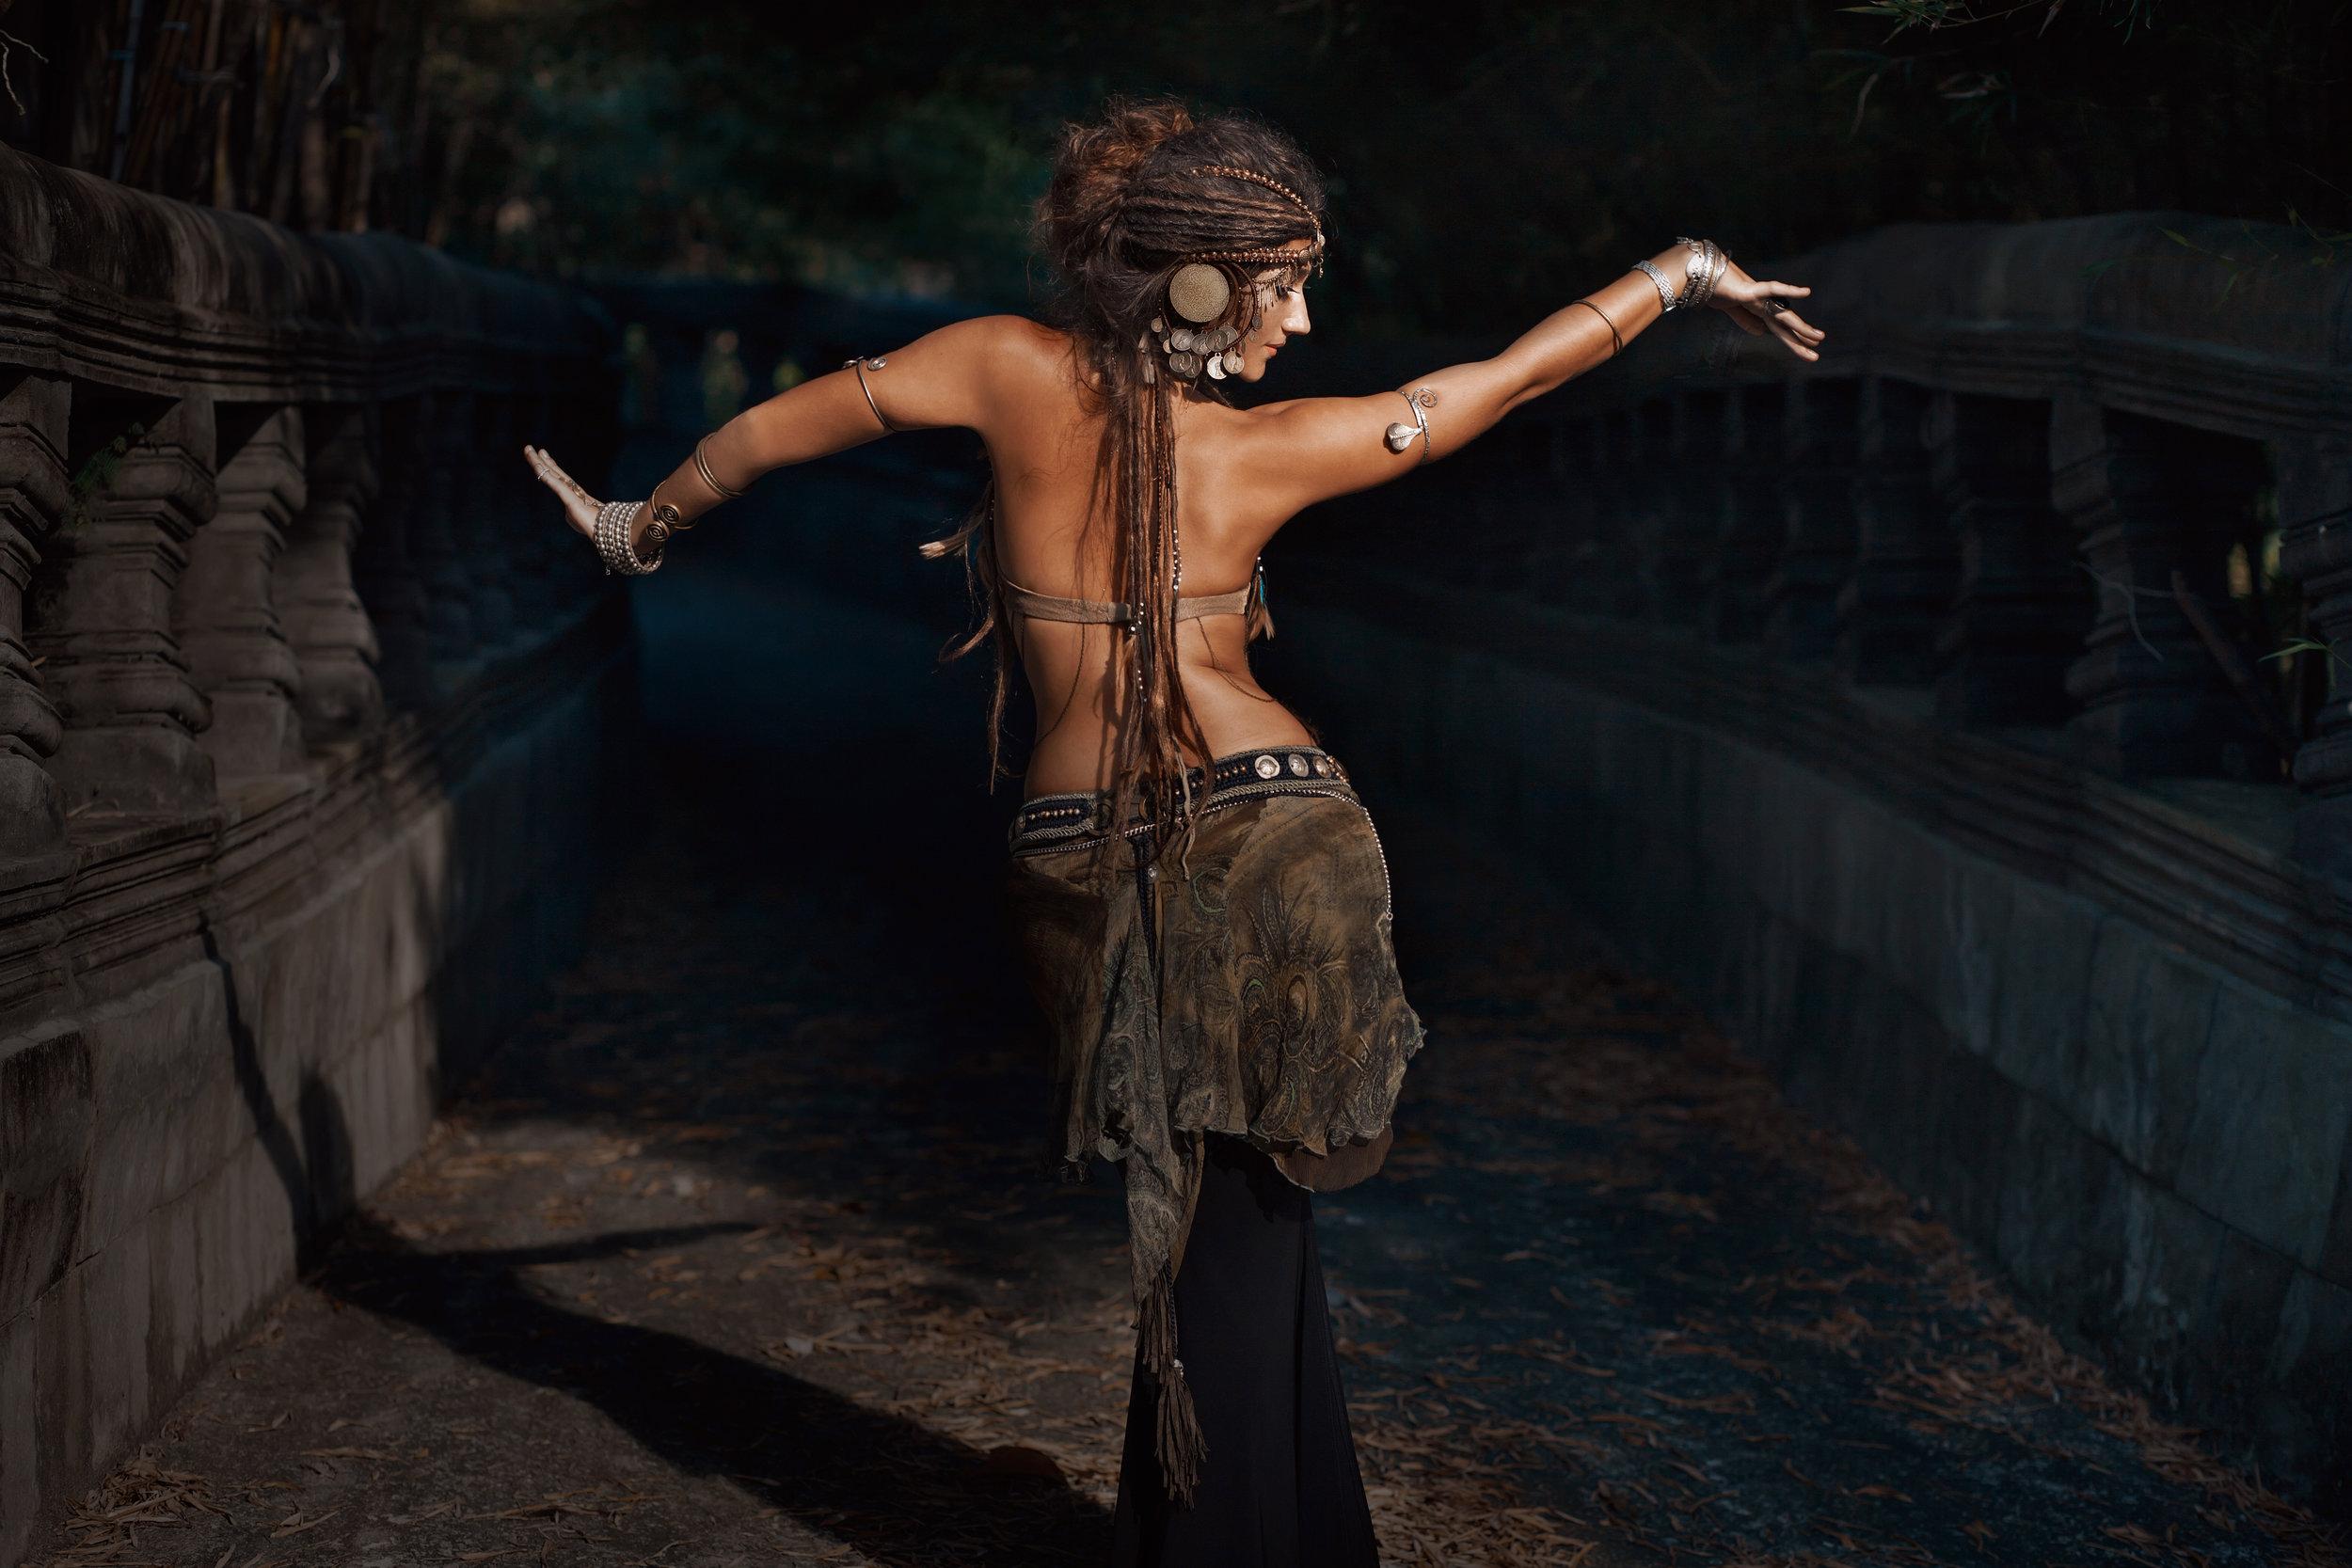 She is soul dancing -